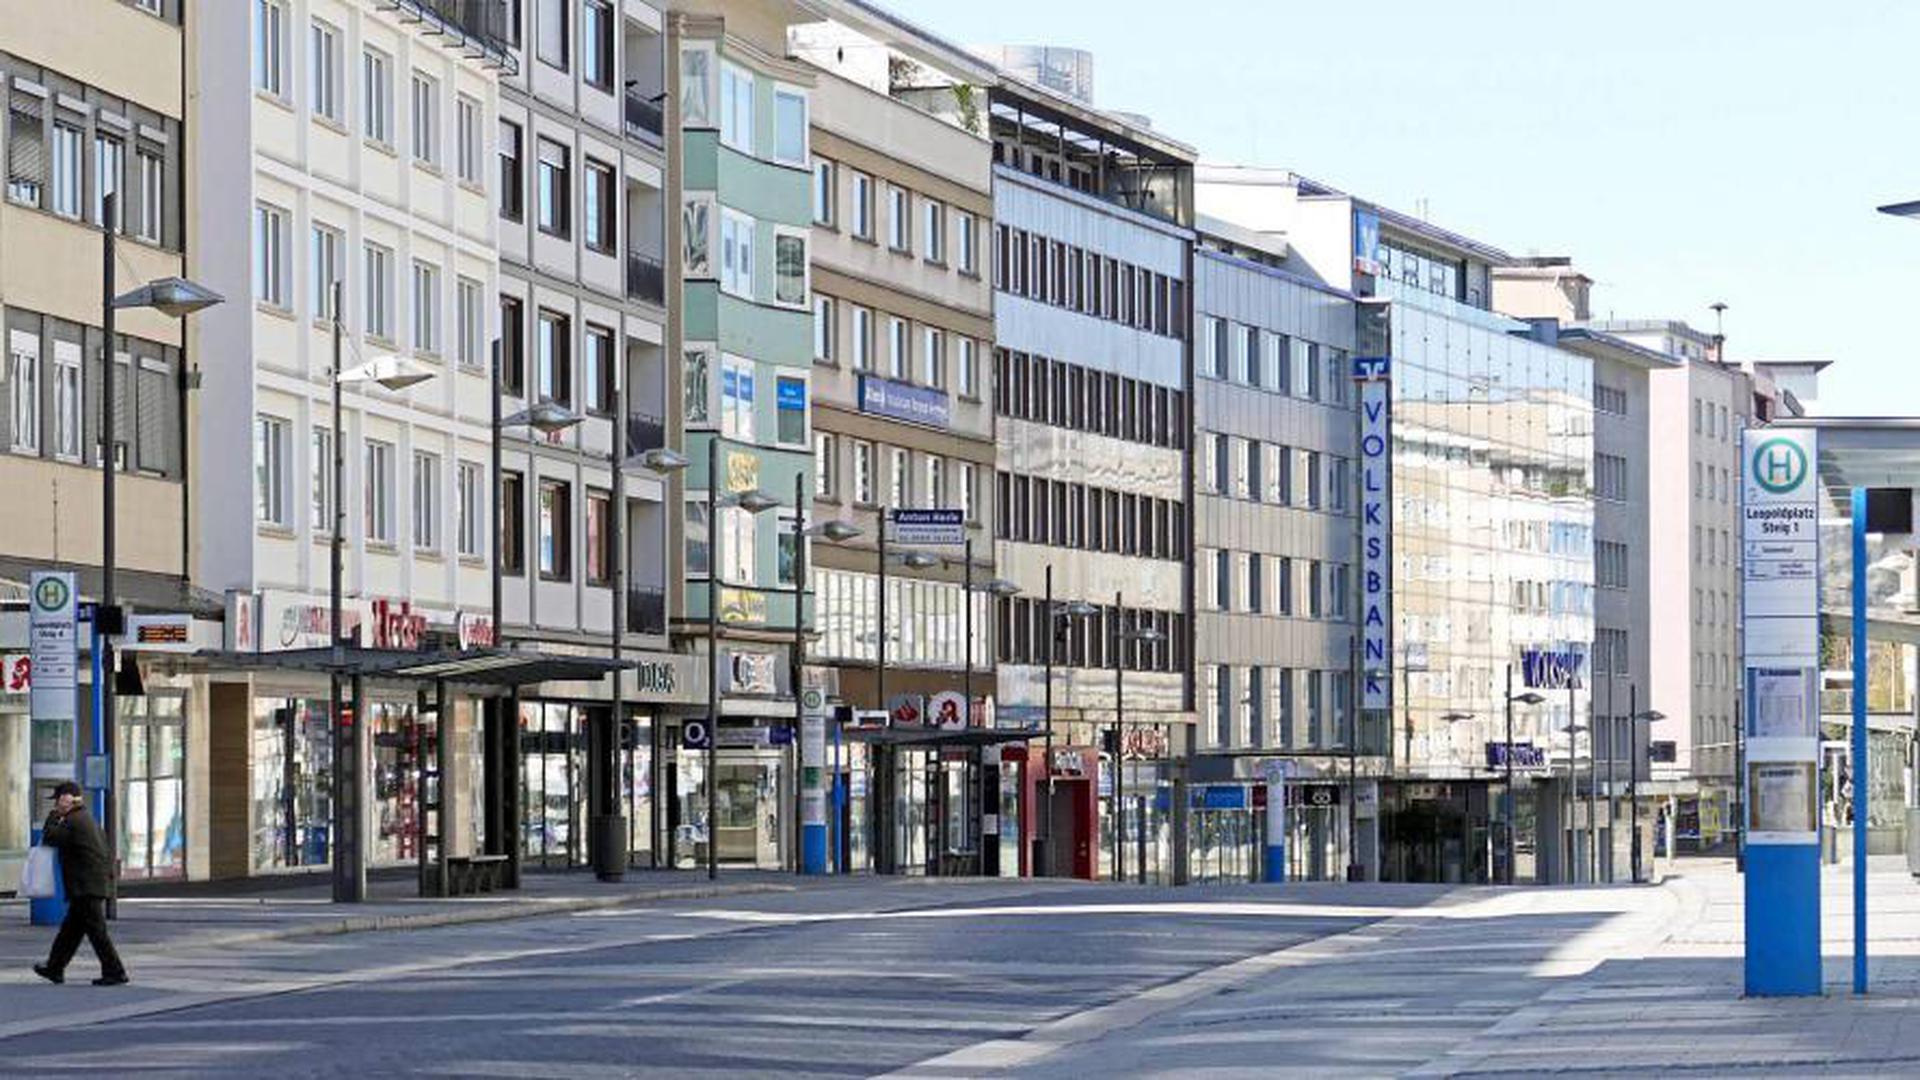 Wie eine Geisterstadt wirkte die Pforzheimer Innenstadt wie hier der Leopoldplatz am Sonntag. Viele Pforzheimer nutzten das sonnige Wetter für einen Spaziergang am Enzauenpark oder im Stadtgarten – allerdings allein oder zu zweit – gemäß den Vorgaben des Landes.